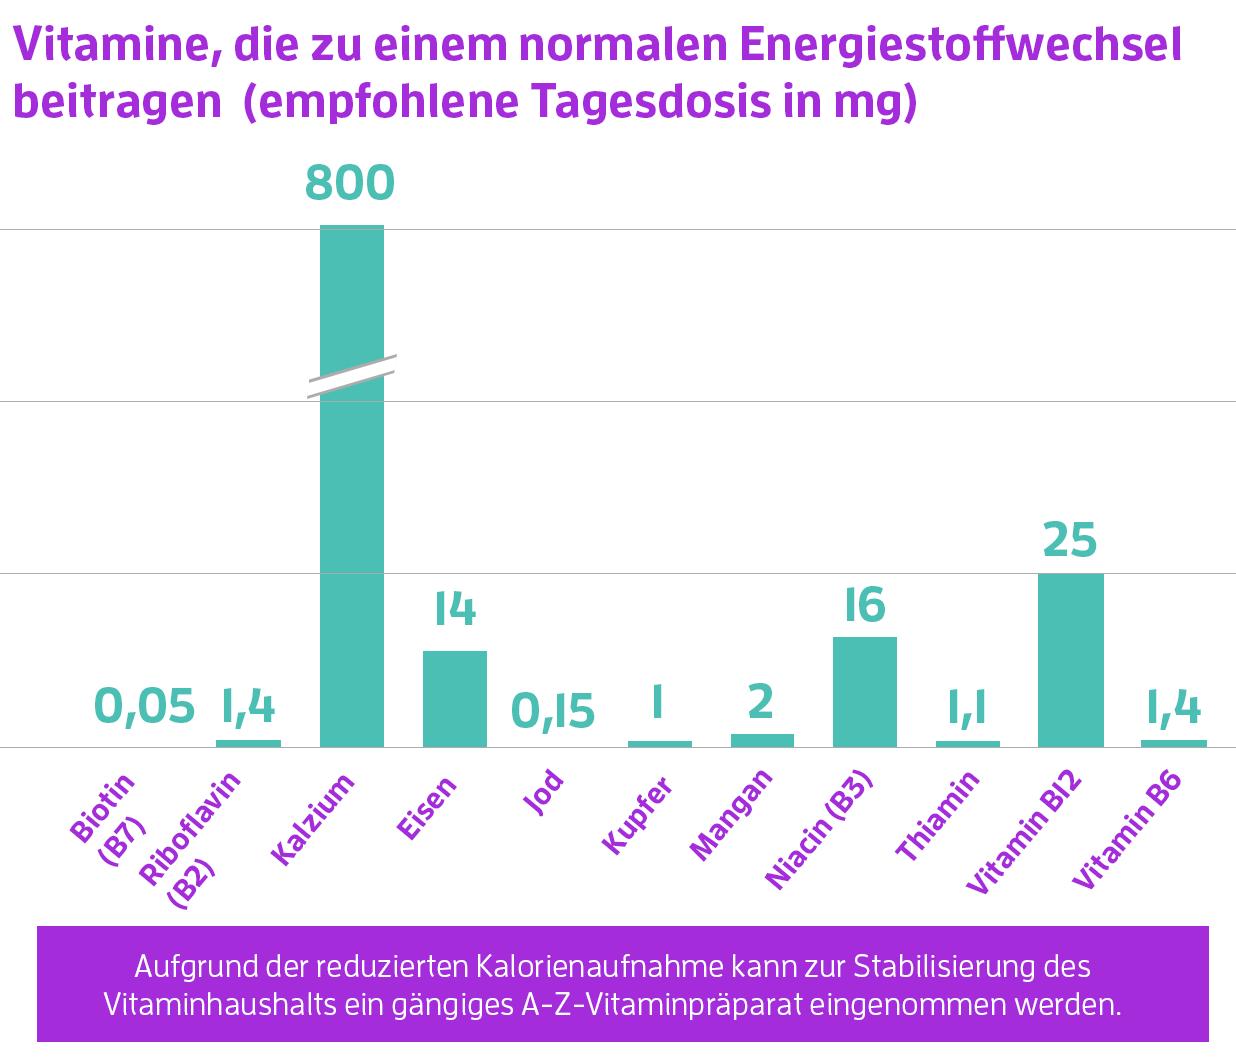 vitamine und tagesbedarf meinstoffwechsel - Stoffwechselkur - Kosten, Plan und Anleitung